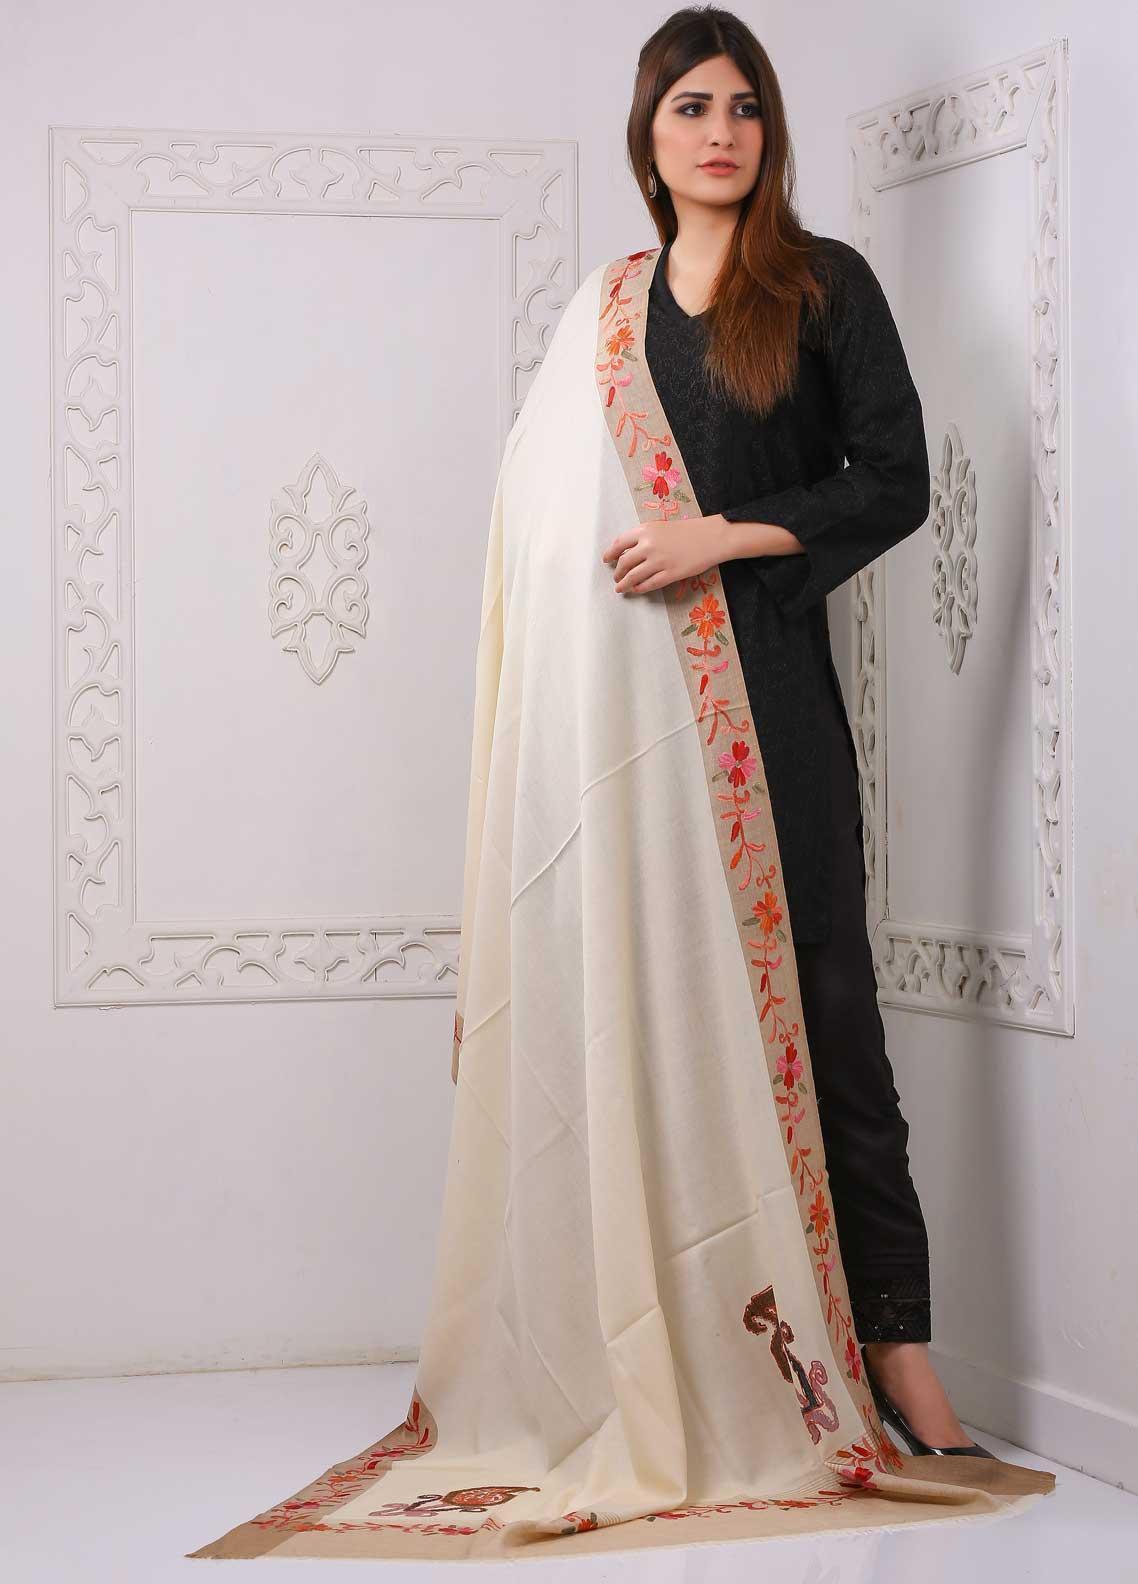 Sanaulla Exclusive Range Embroidered Premium Pashmina  Shawl PRMSH 323938 - Premium Pashmina Shawls